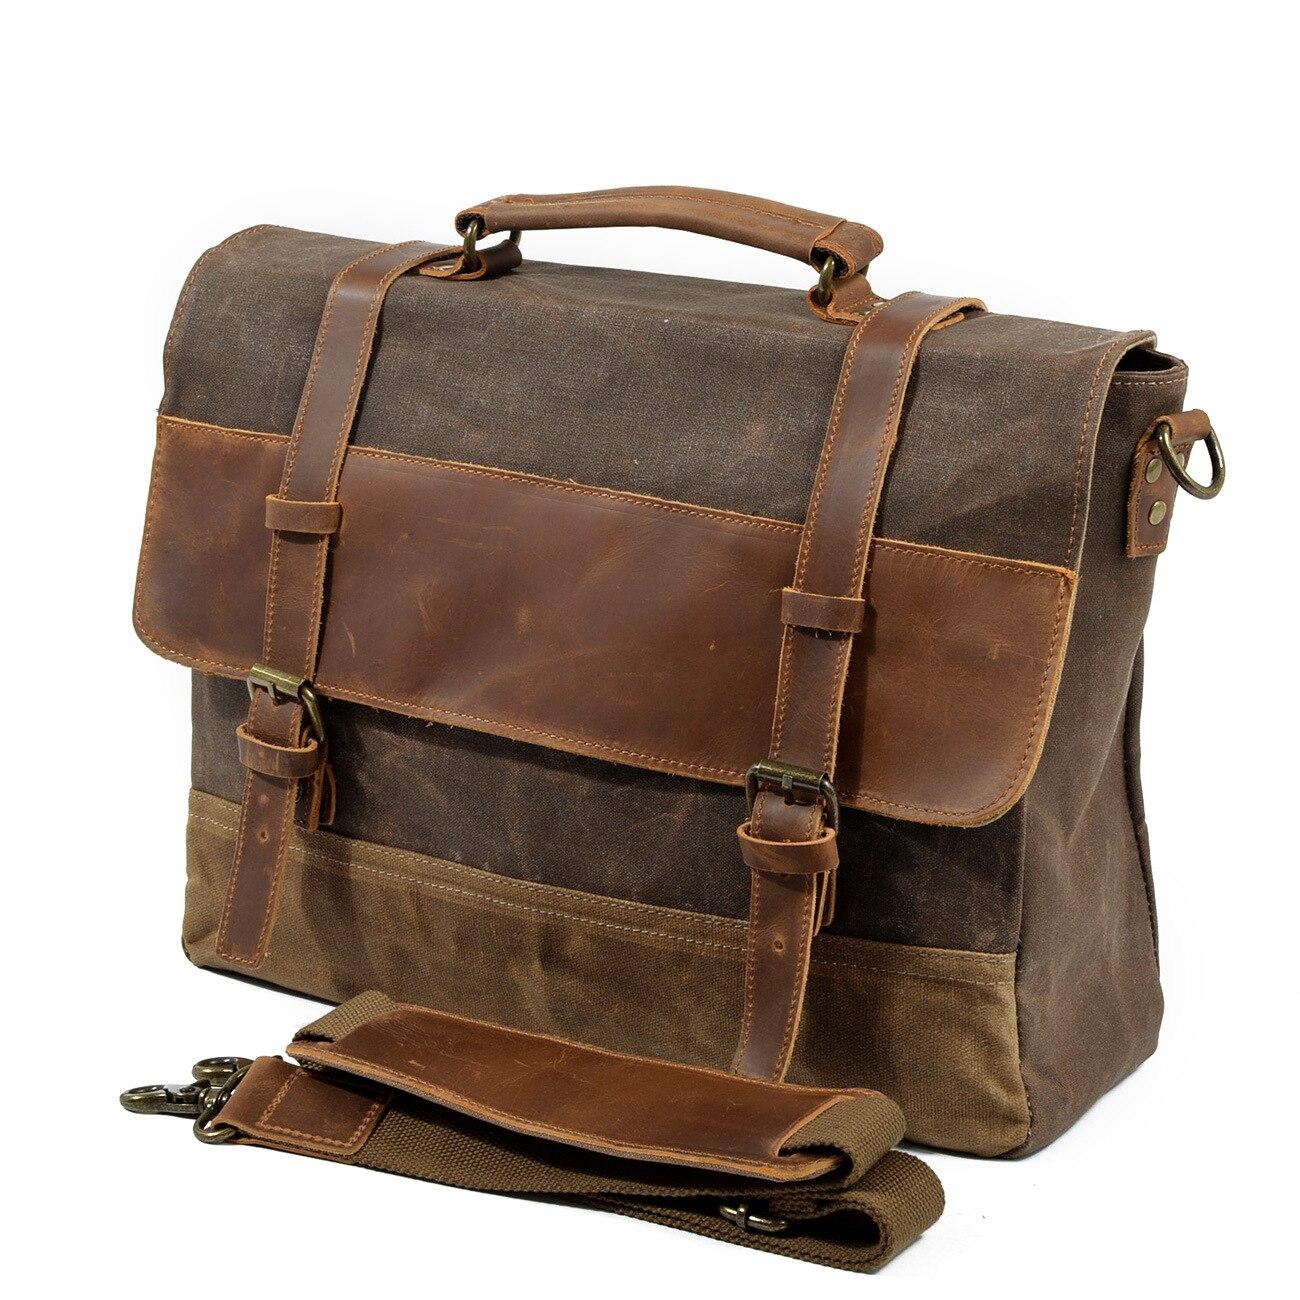 2018 rétro hommes porte-documents ordinateur portable affaires Messenger épaule sac à bandoulière en cuir véritable toile Document de voyage sac pratique - 2